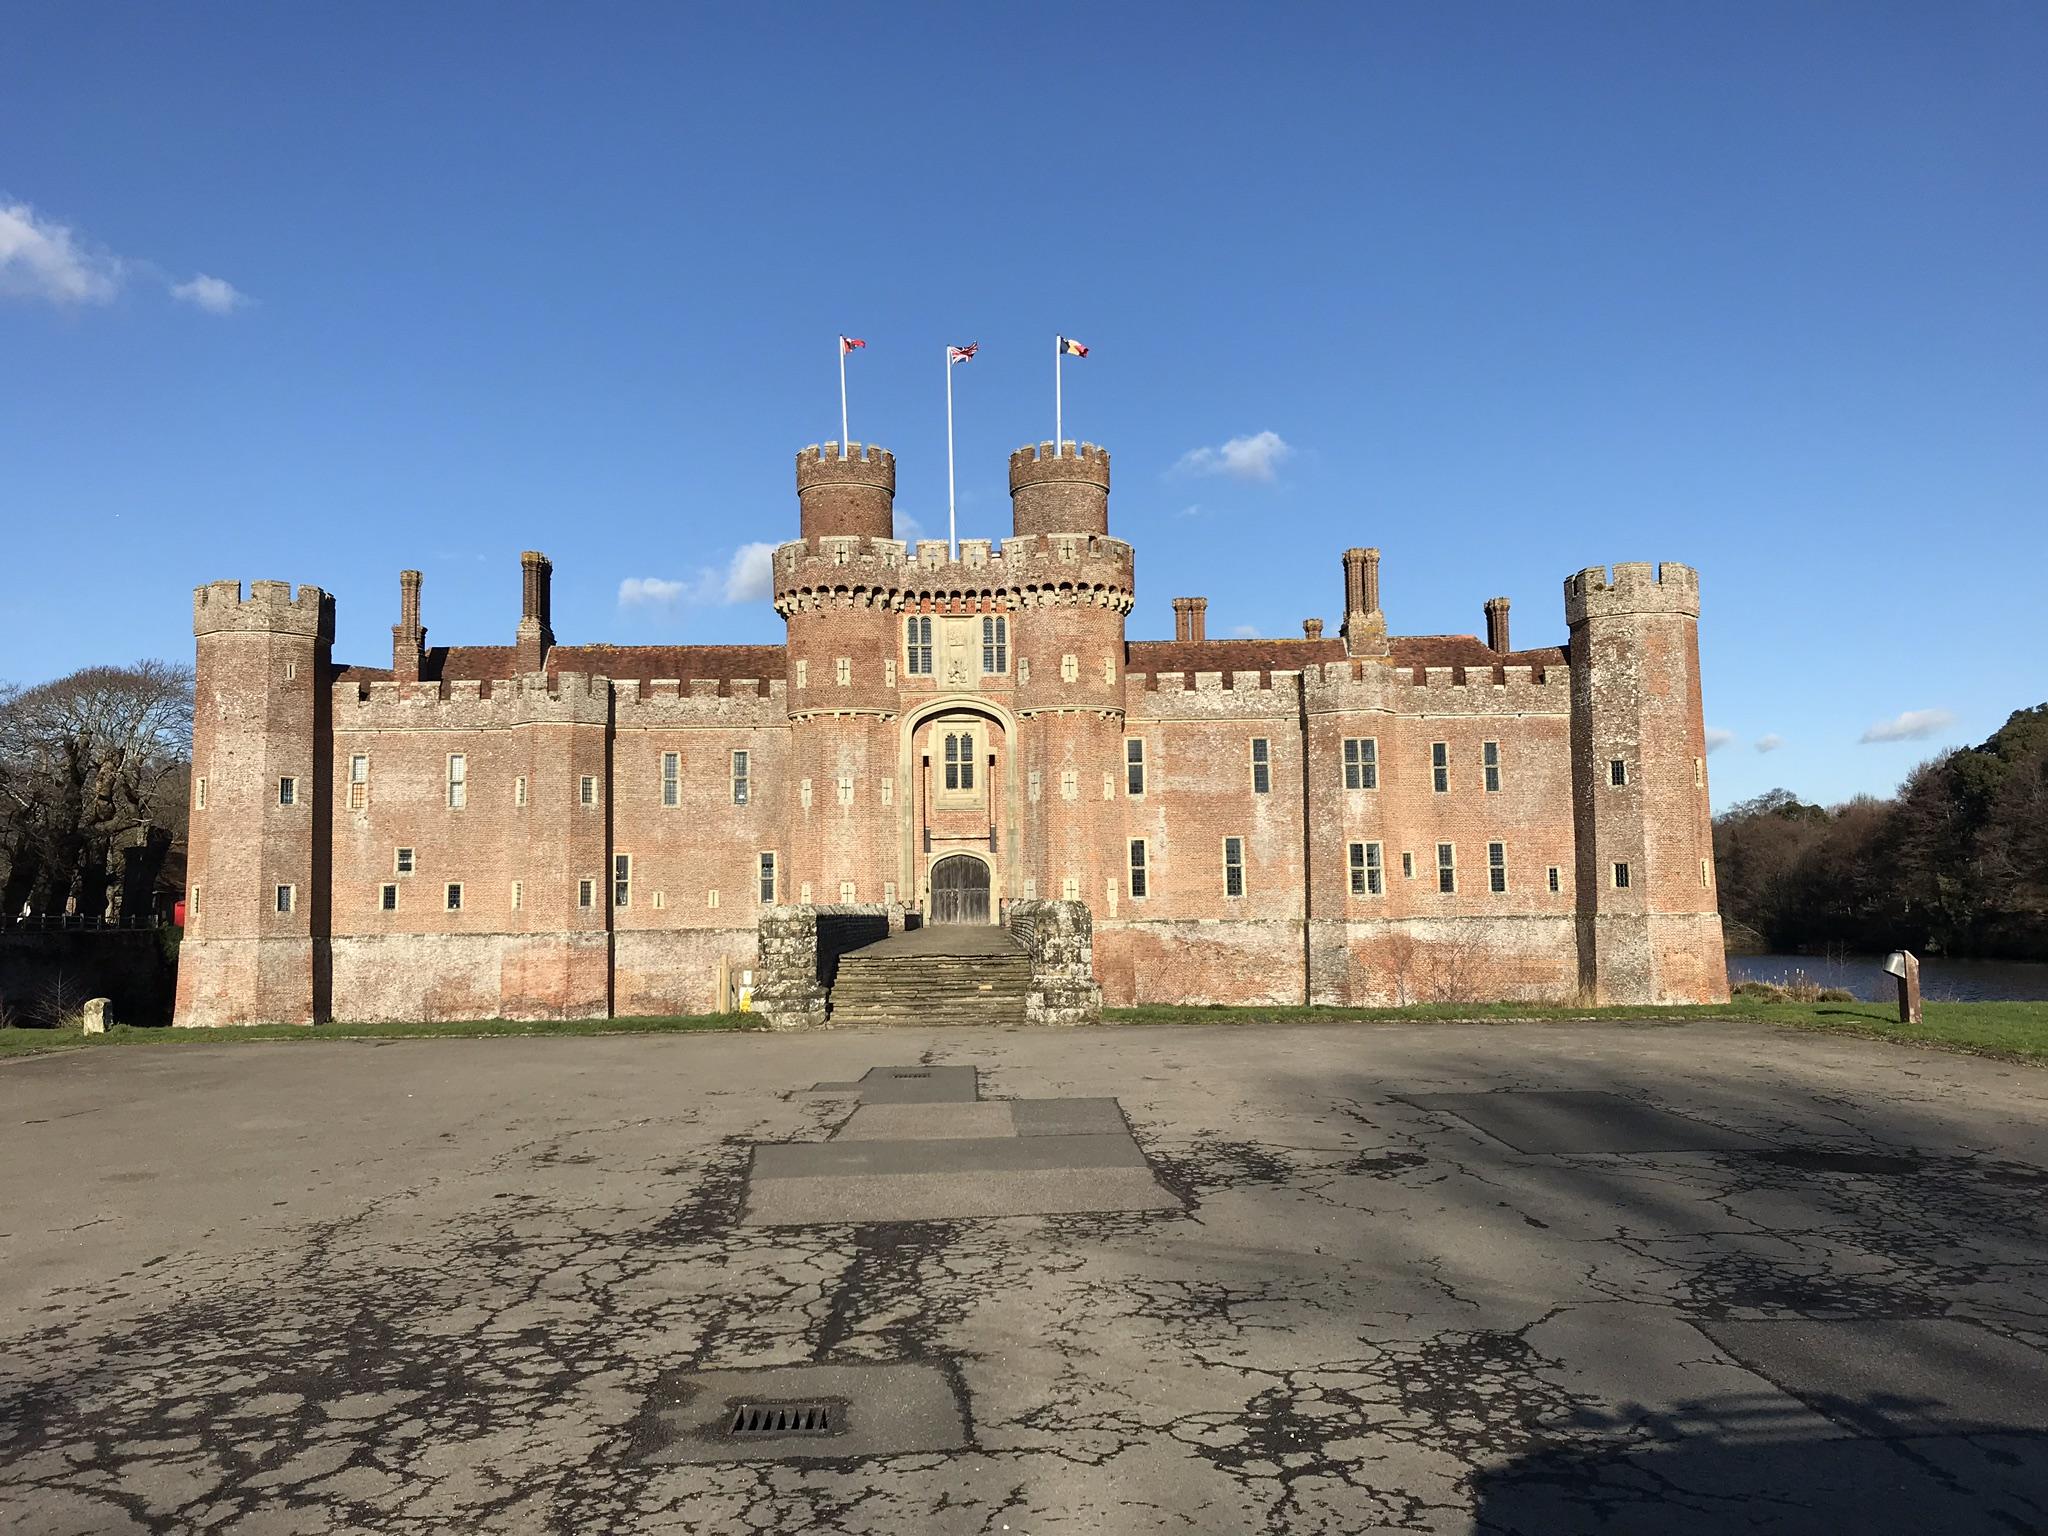 Image of Herstmonceux Castle